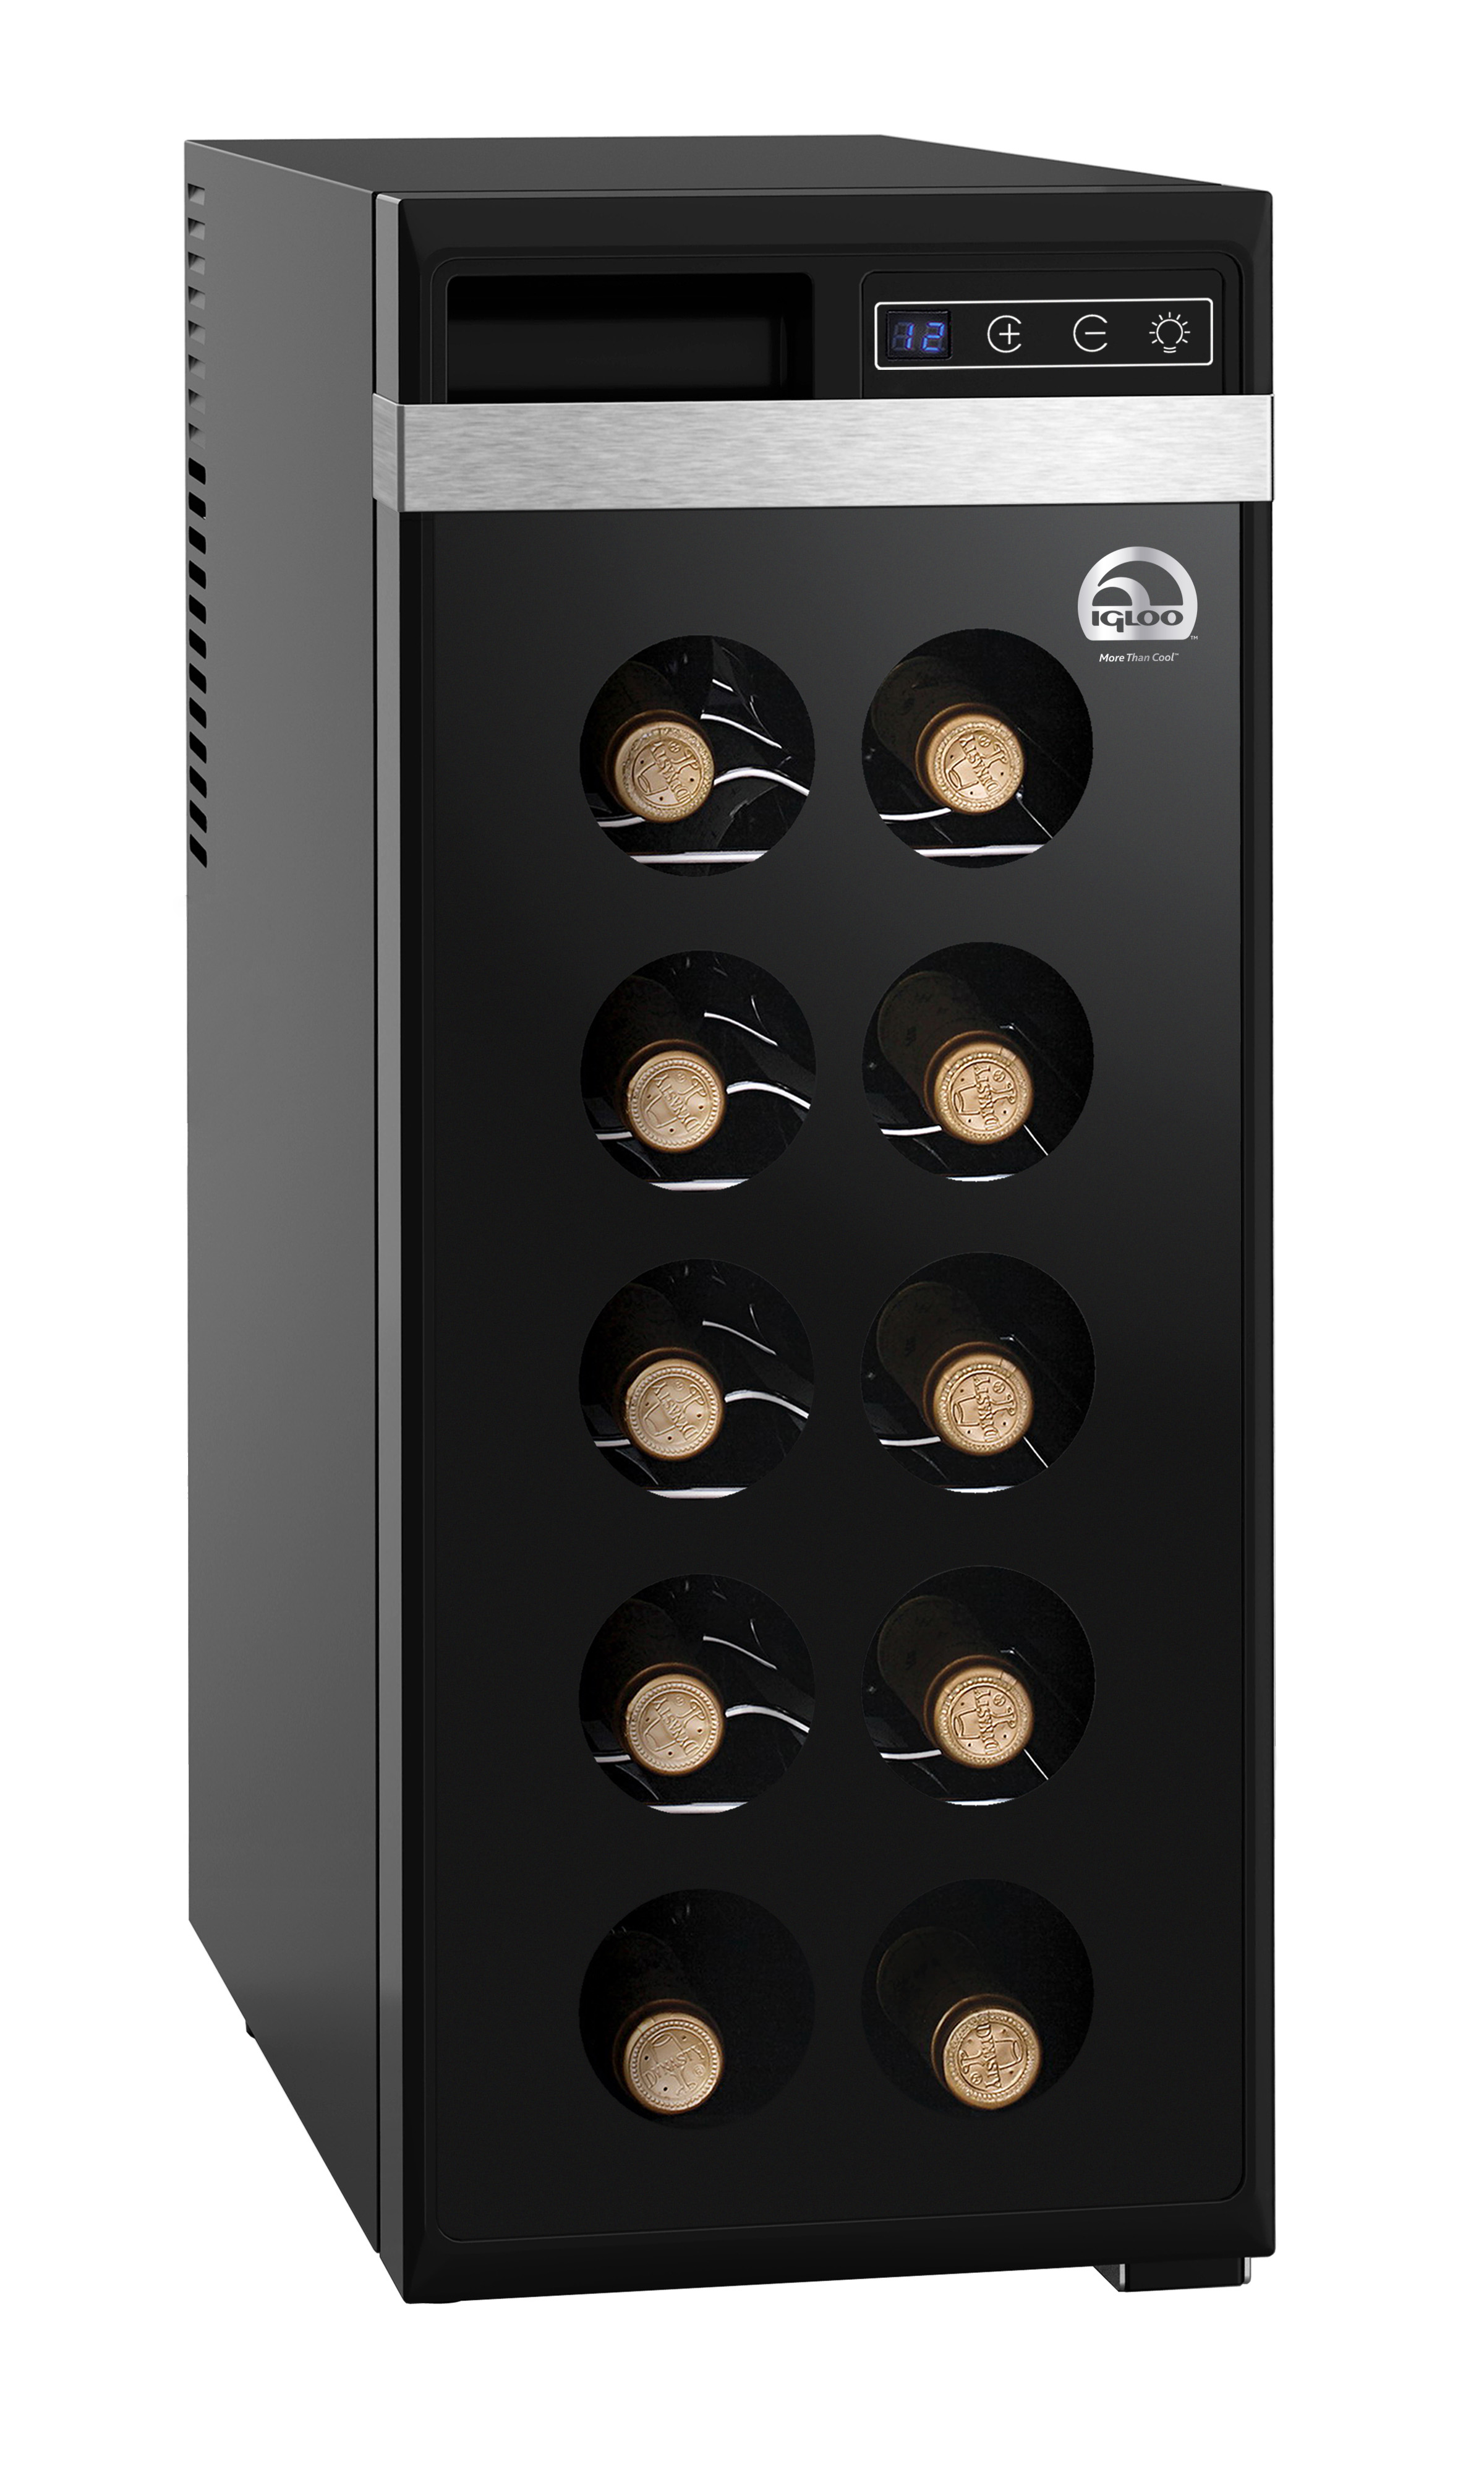 12 BOTTLE WINE COOLER - DIGITAL CONTROLS